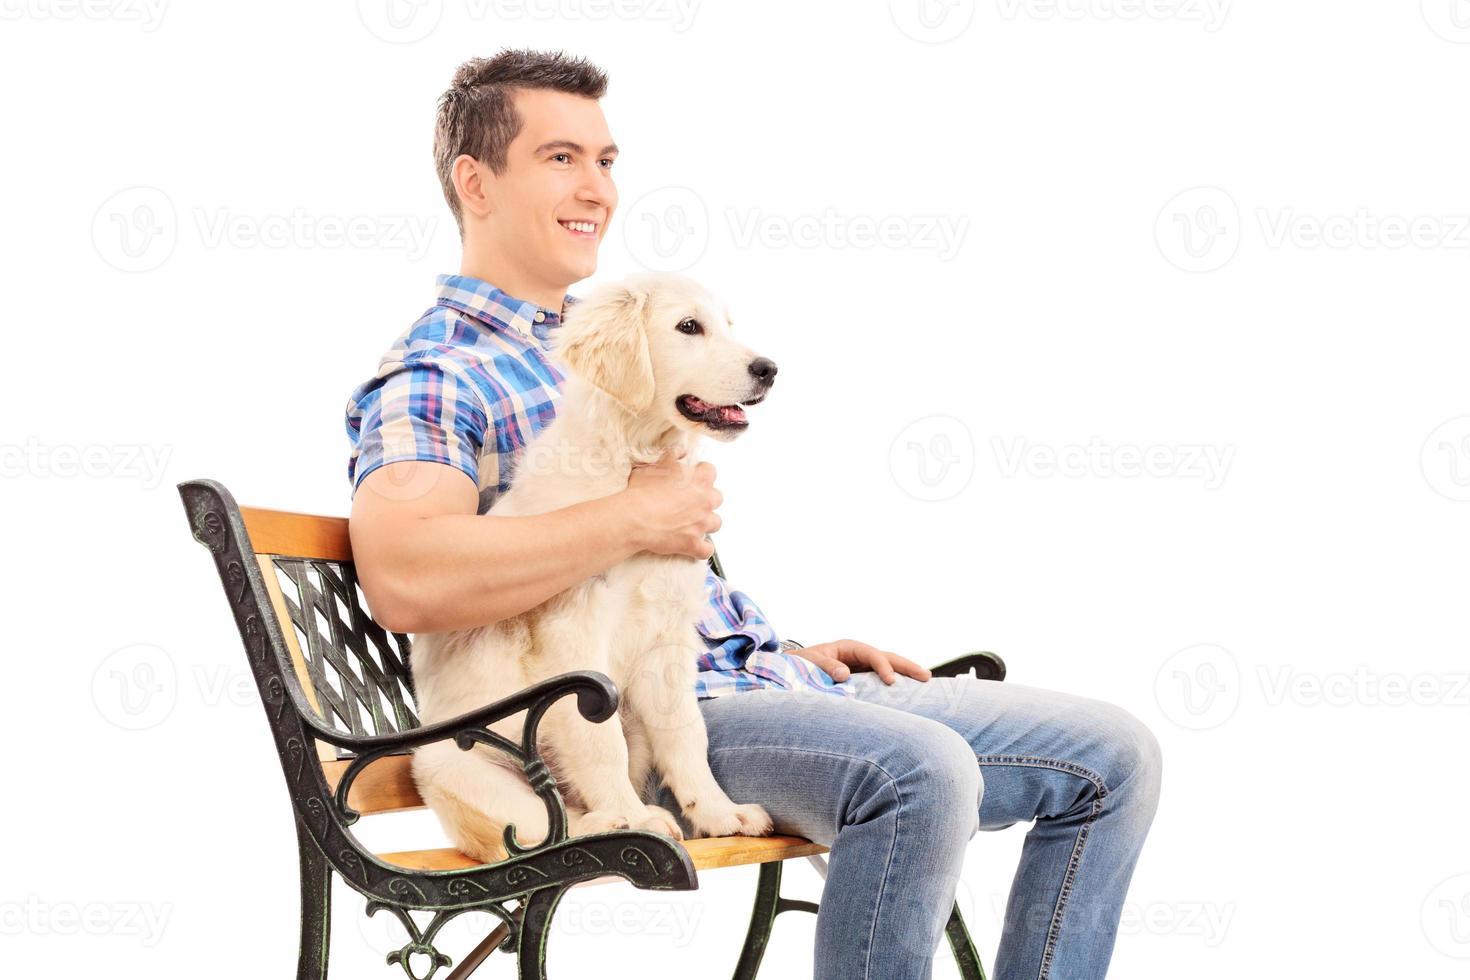 jovem sentado no banco com um filhote de cachorro foto